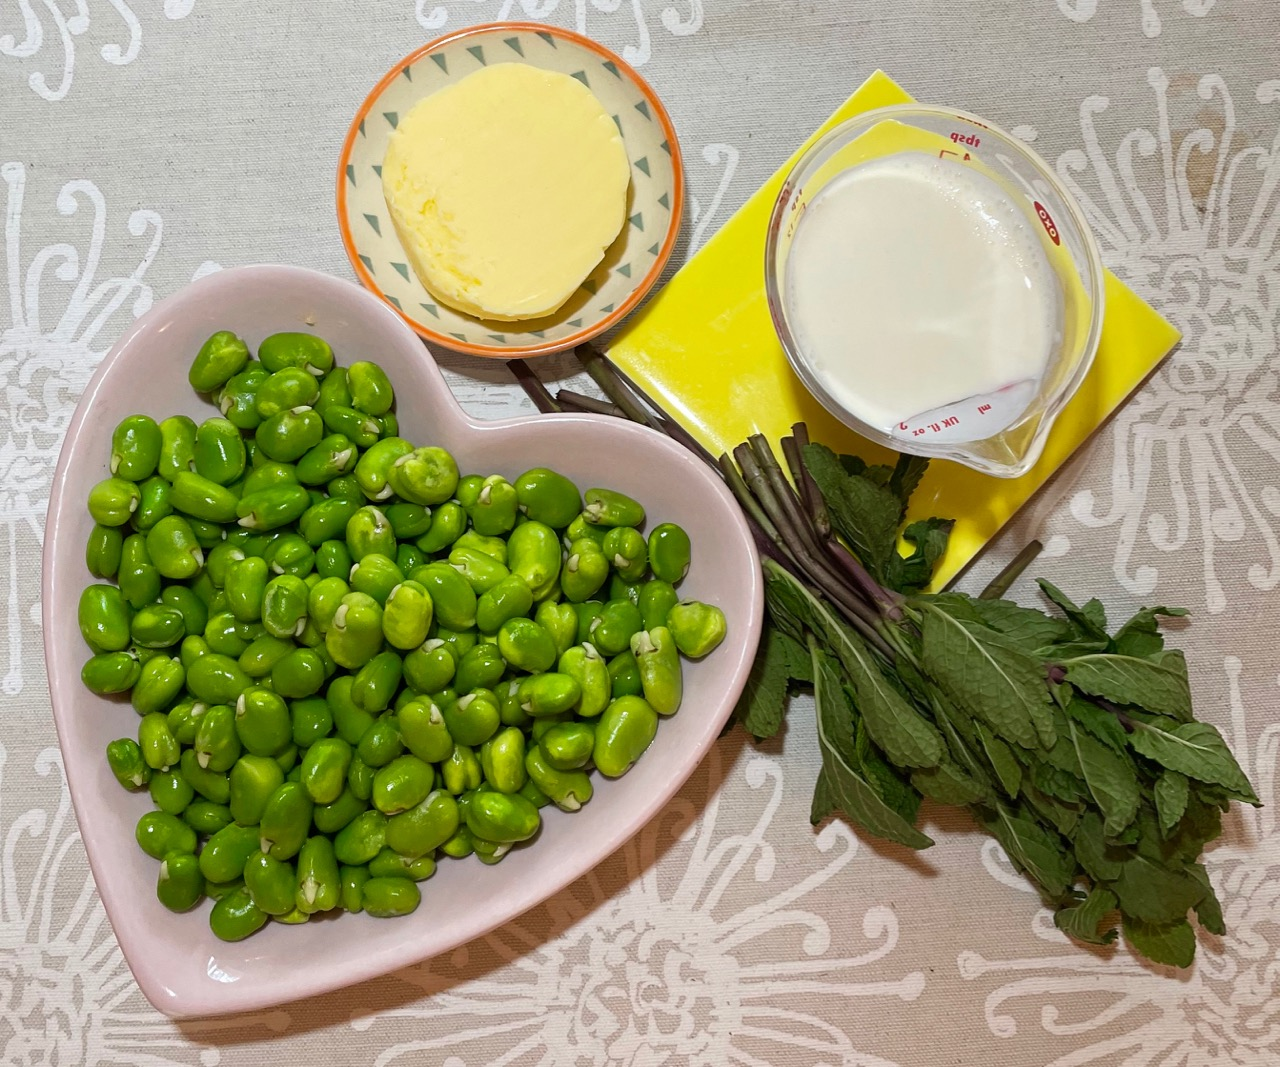 broad-bean-dip-ingredients